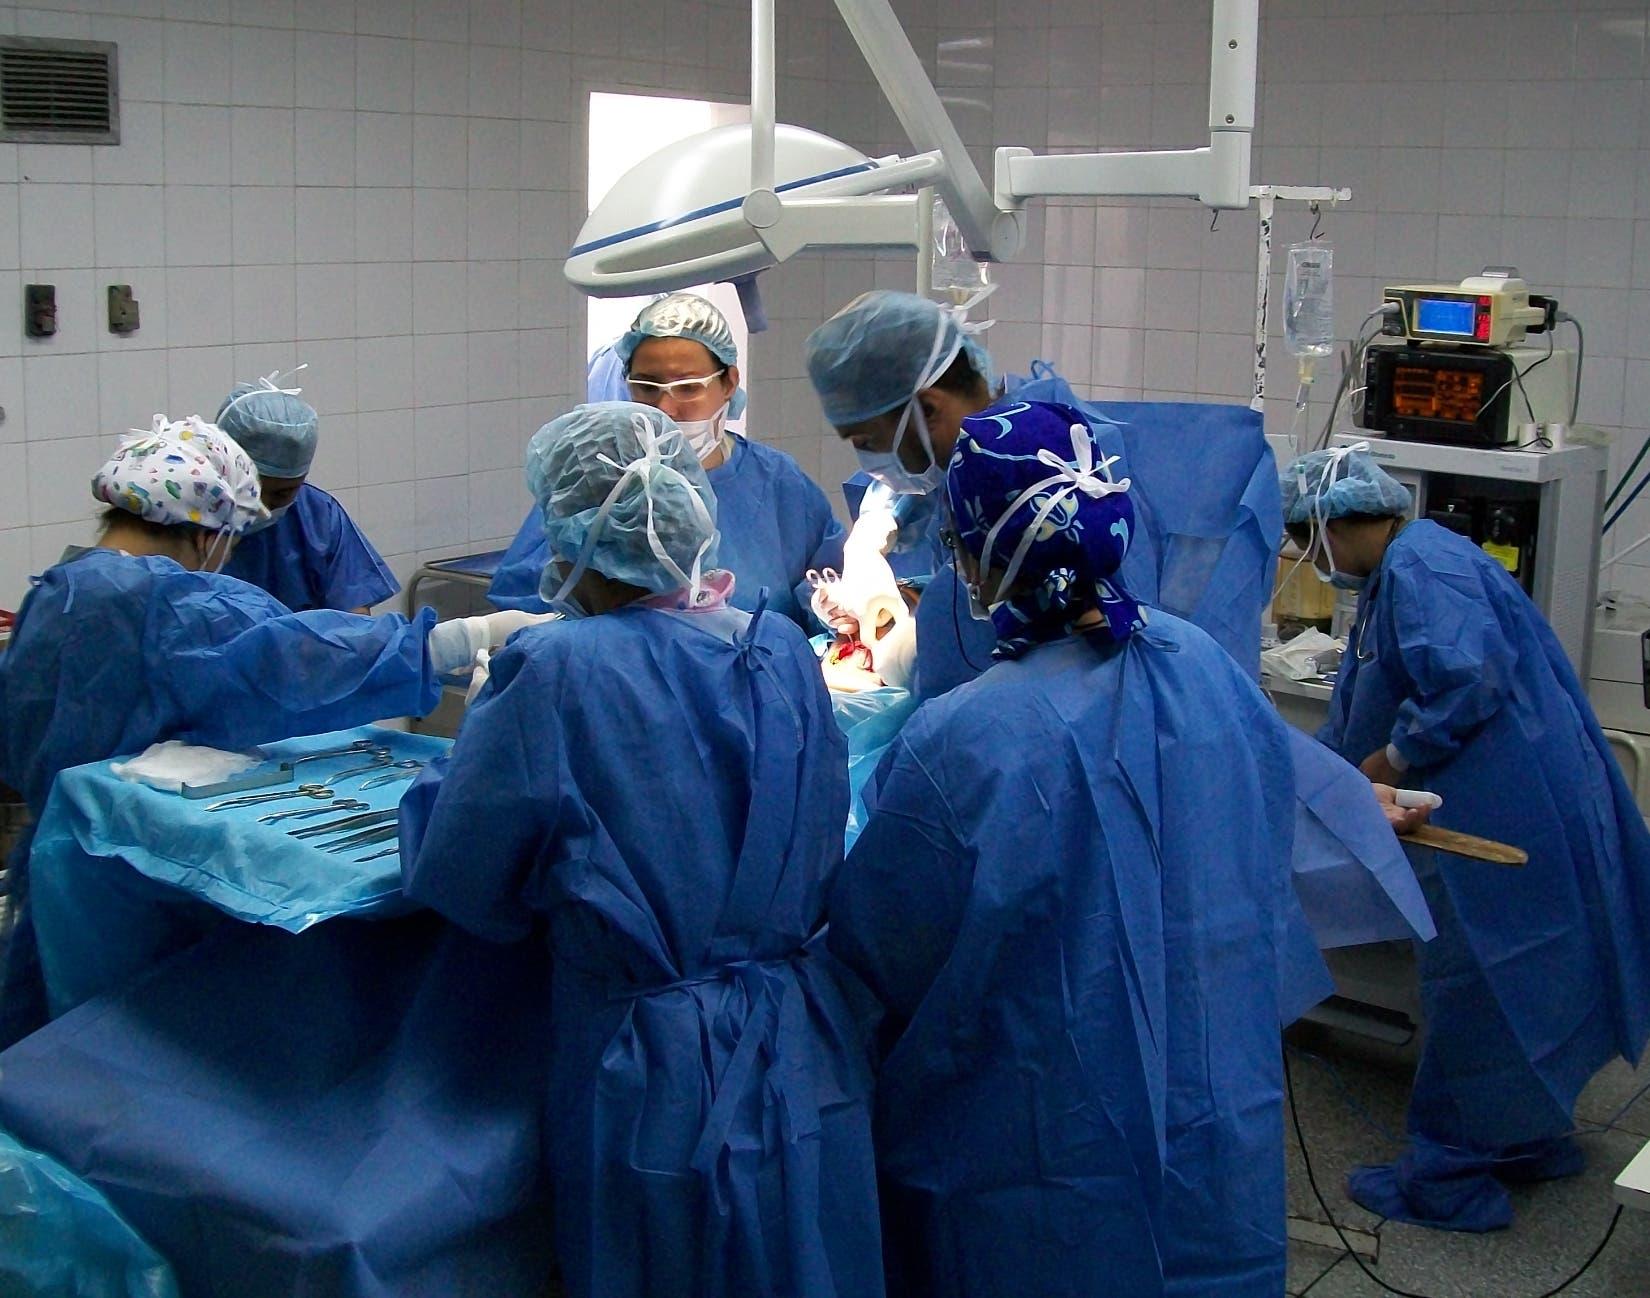 Métodos de diagnóstico en patología quirúrgica, esenciales en procesos